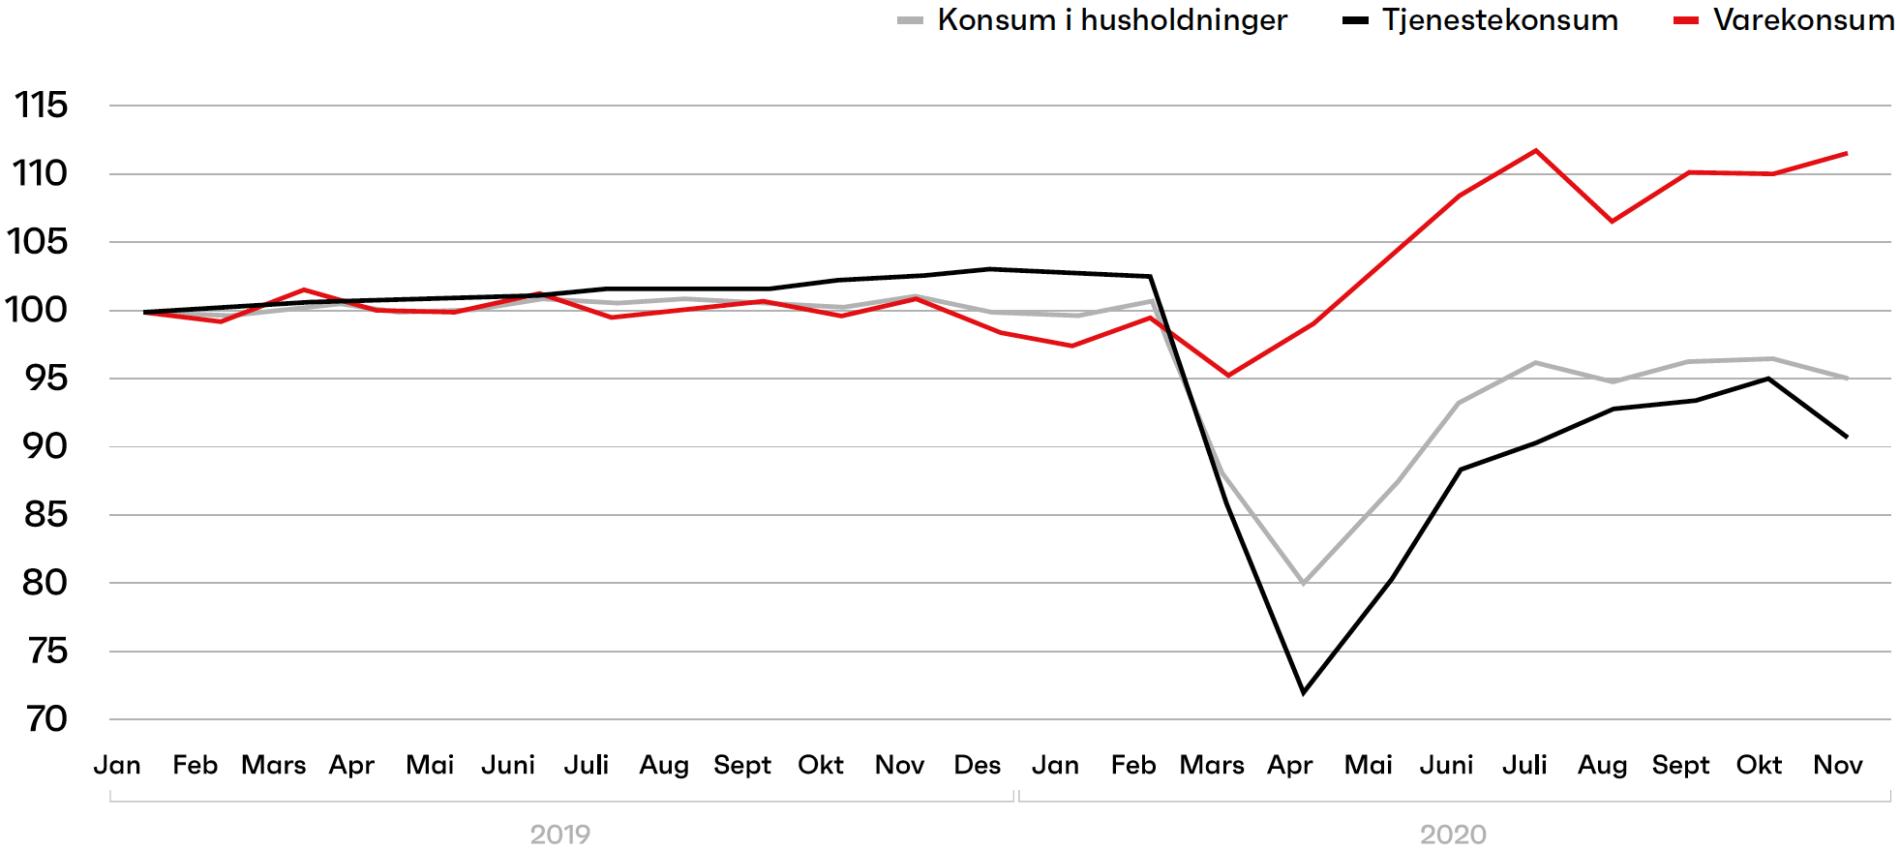 Kbnn2021 graf5